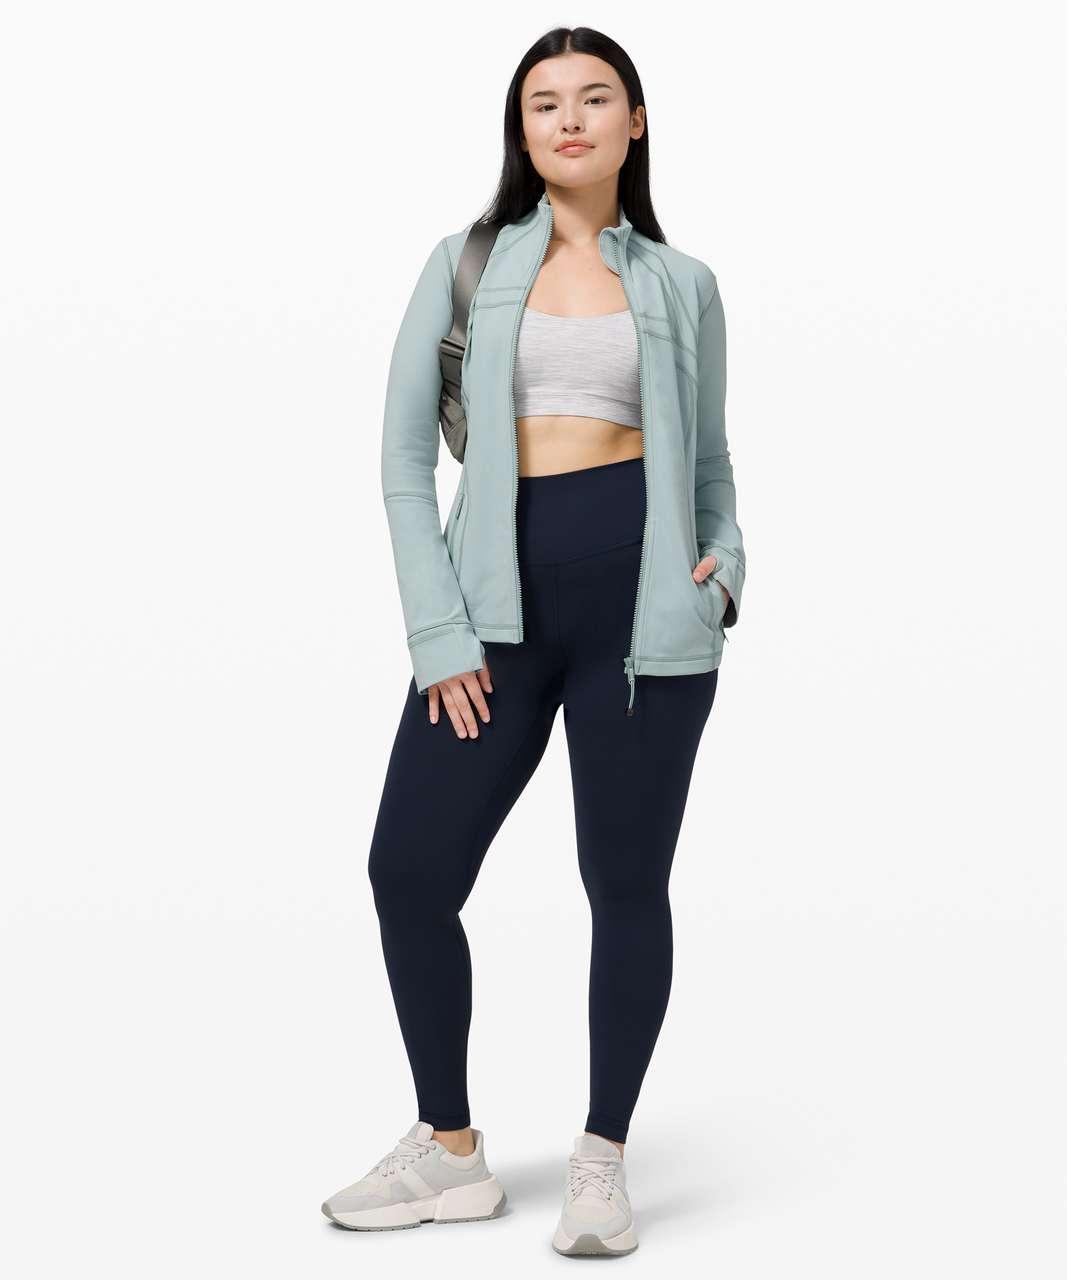 Lululemon Define Jacket - Hazy Jade